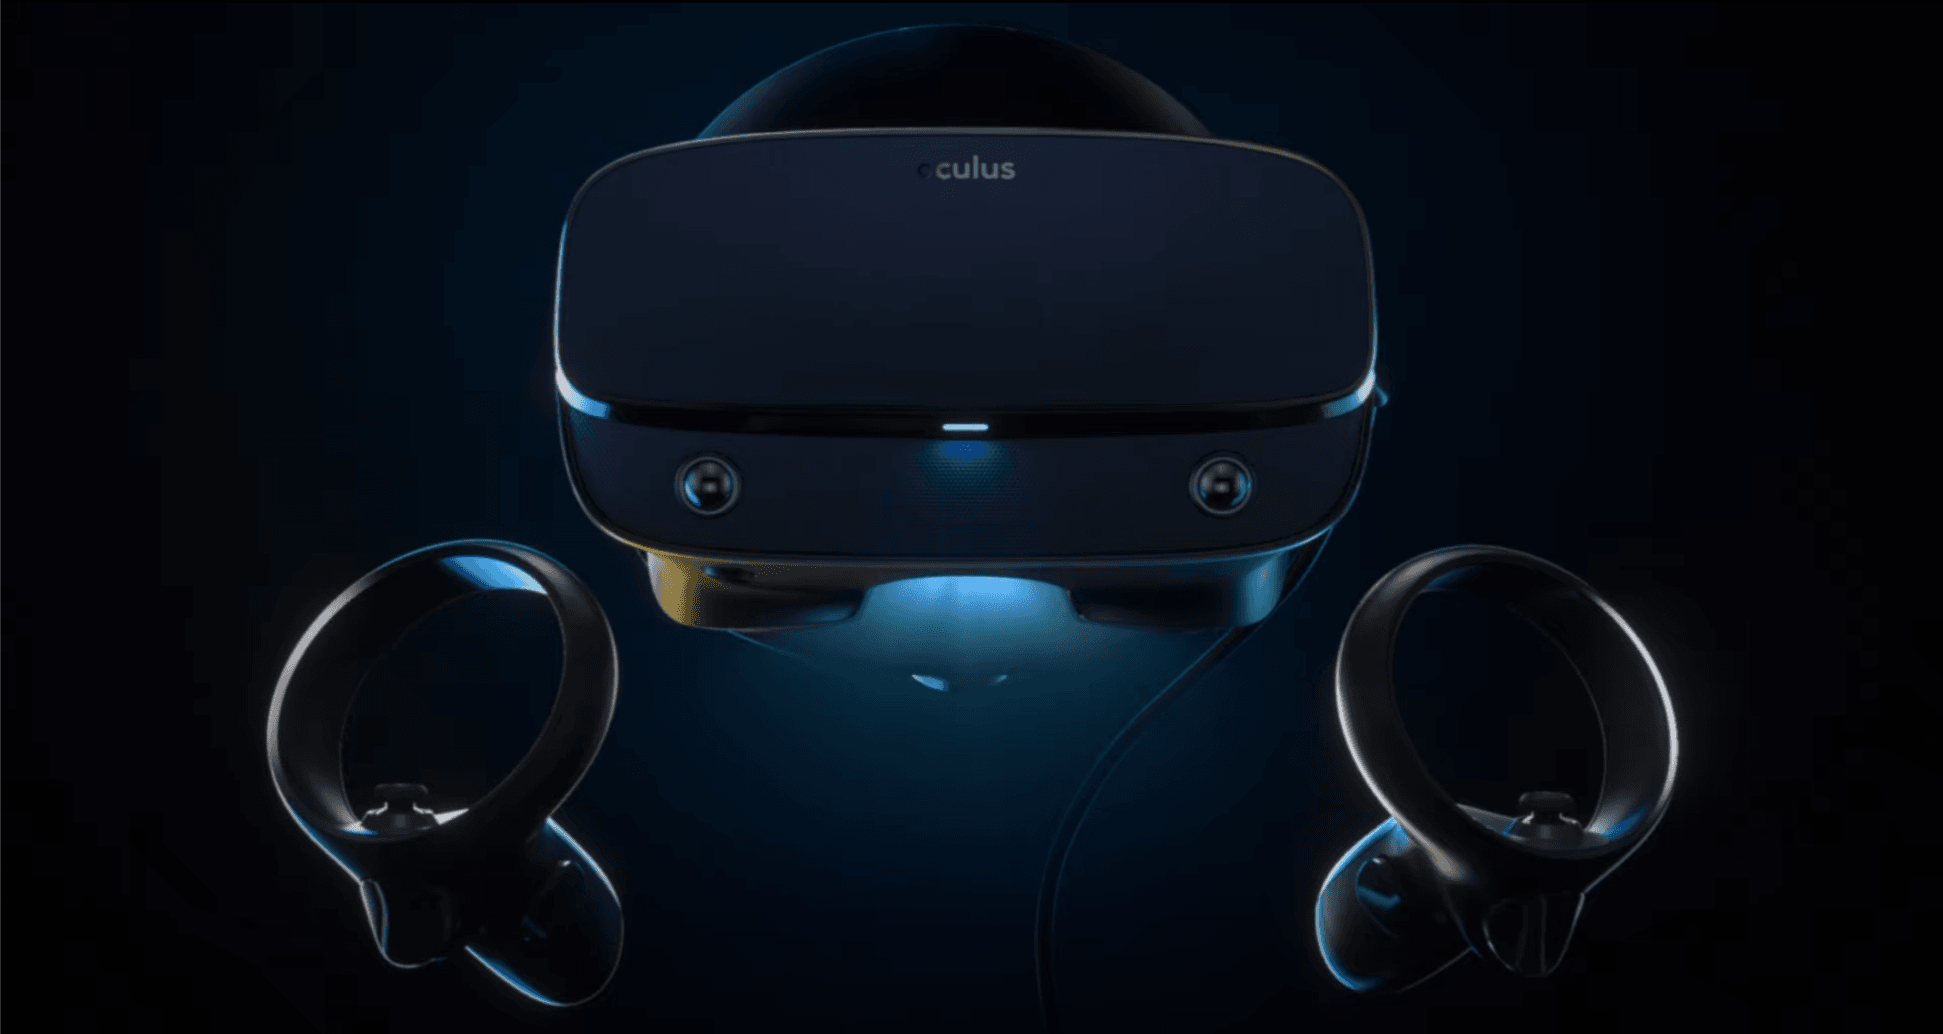 Facebook jeszcze wierzy w VR - prezentuje nowy zestaw wirtualnej rzeczywistości Oculus Rift S 21